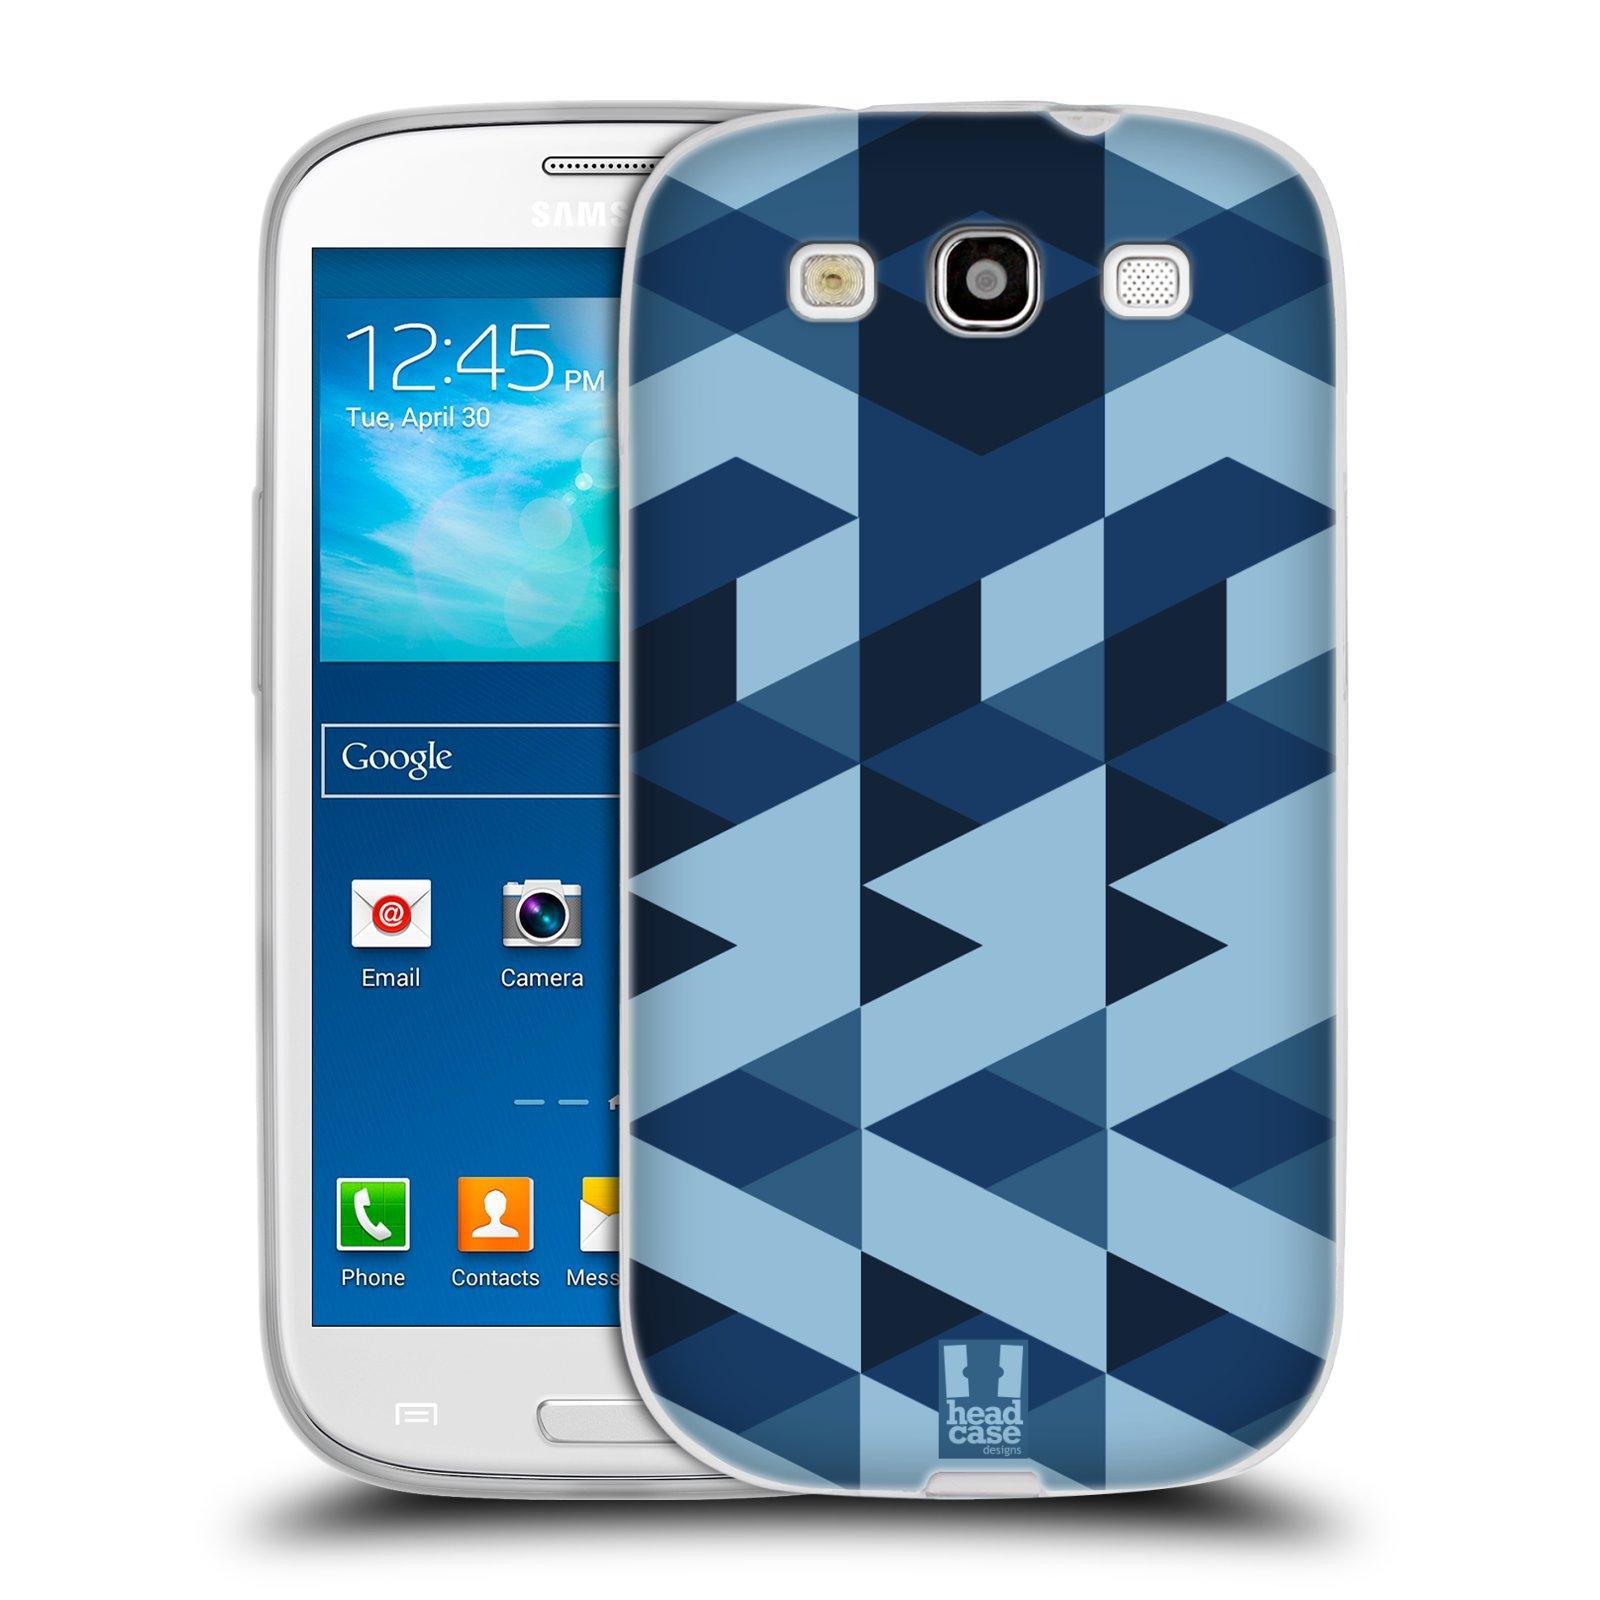 Silikonové pouzdro na mobil Samsung Galaxy S3 Neo HEAD CASE GEOMETRIC BLUE (Silikonový kryt či obal na mobilní telefon Samsung Galaxy S3 Neo GT-i9301i)